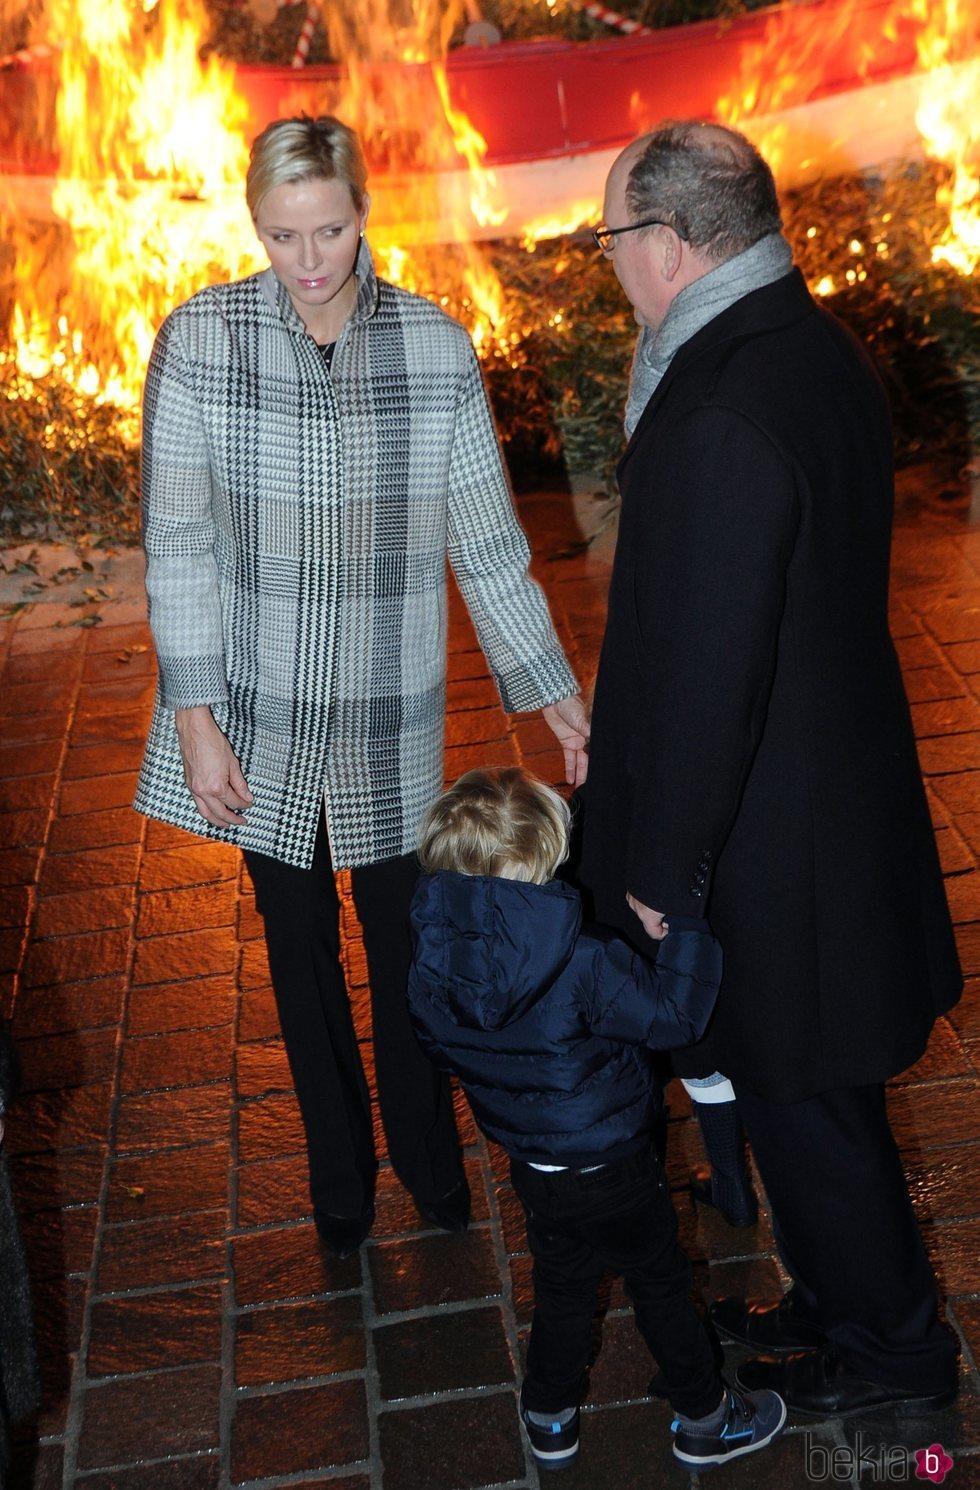 Charlene de Mónaco con un abrigo de cuadros en Santa Devota 2018